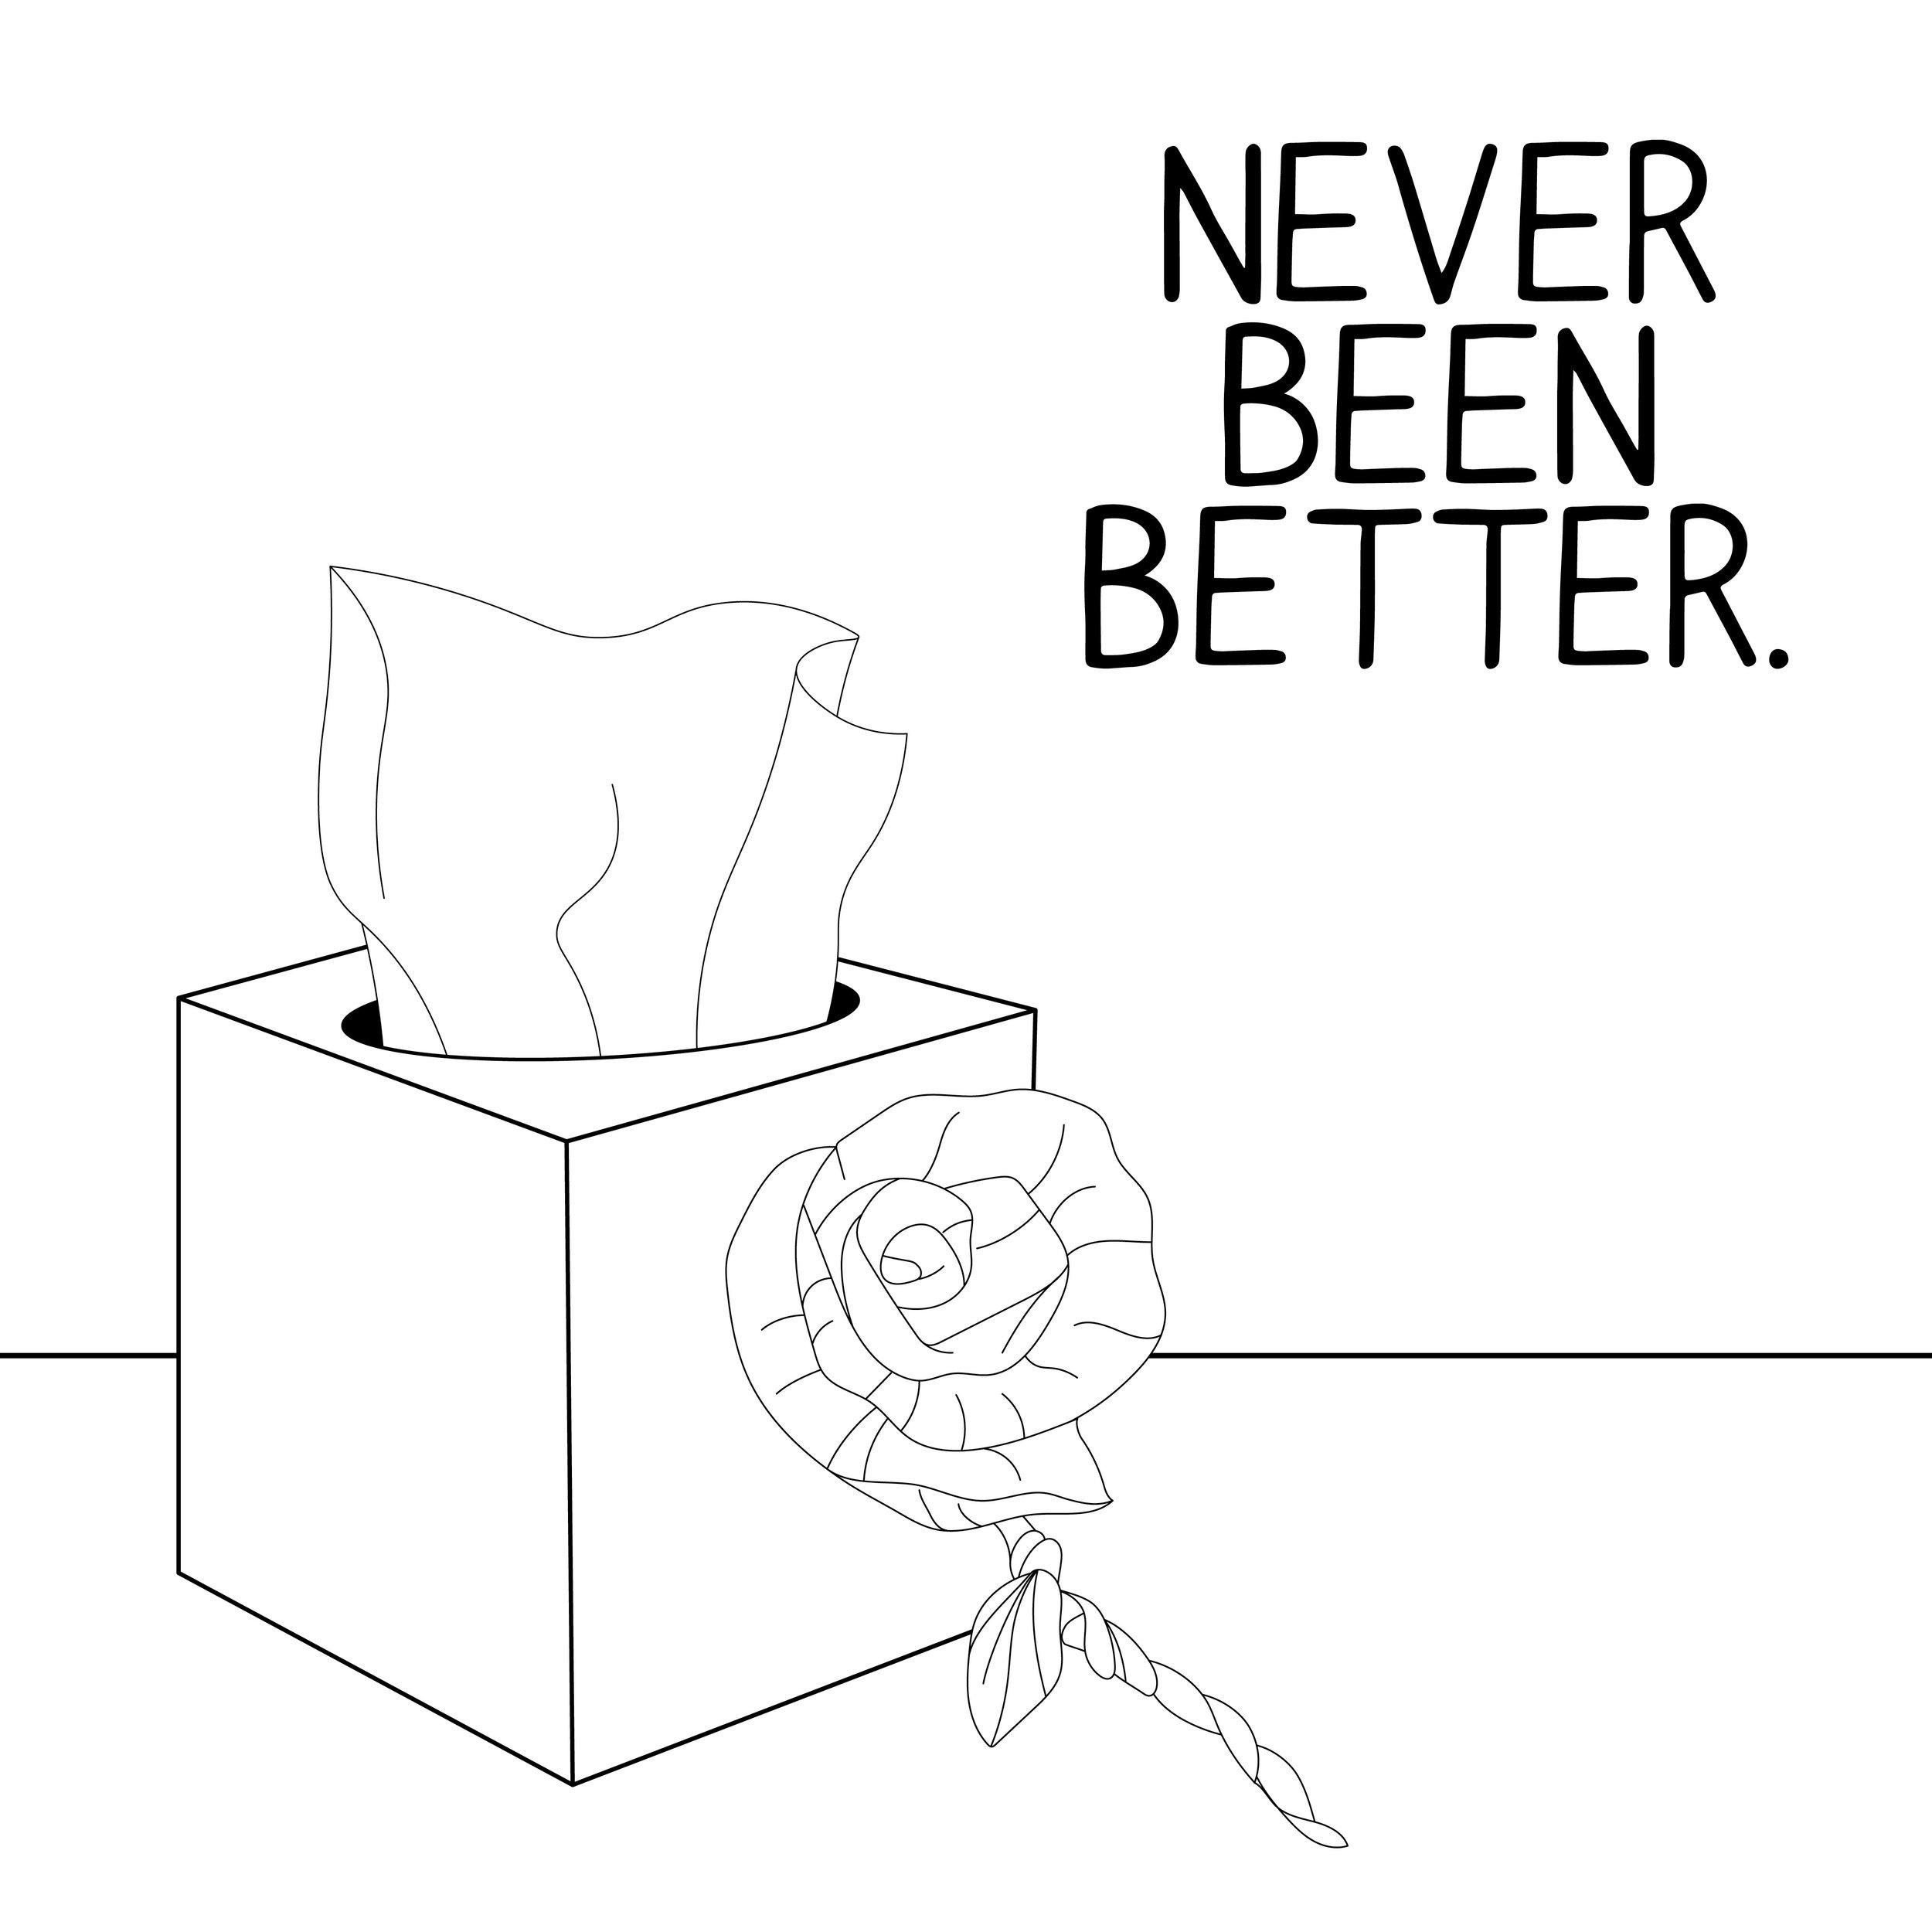 NEVERBEENBETTER-01.jpg